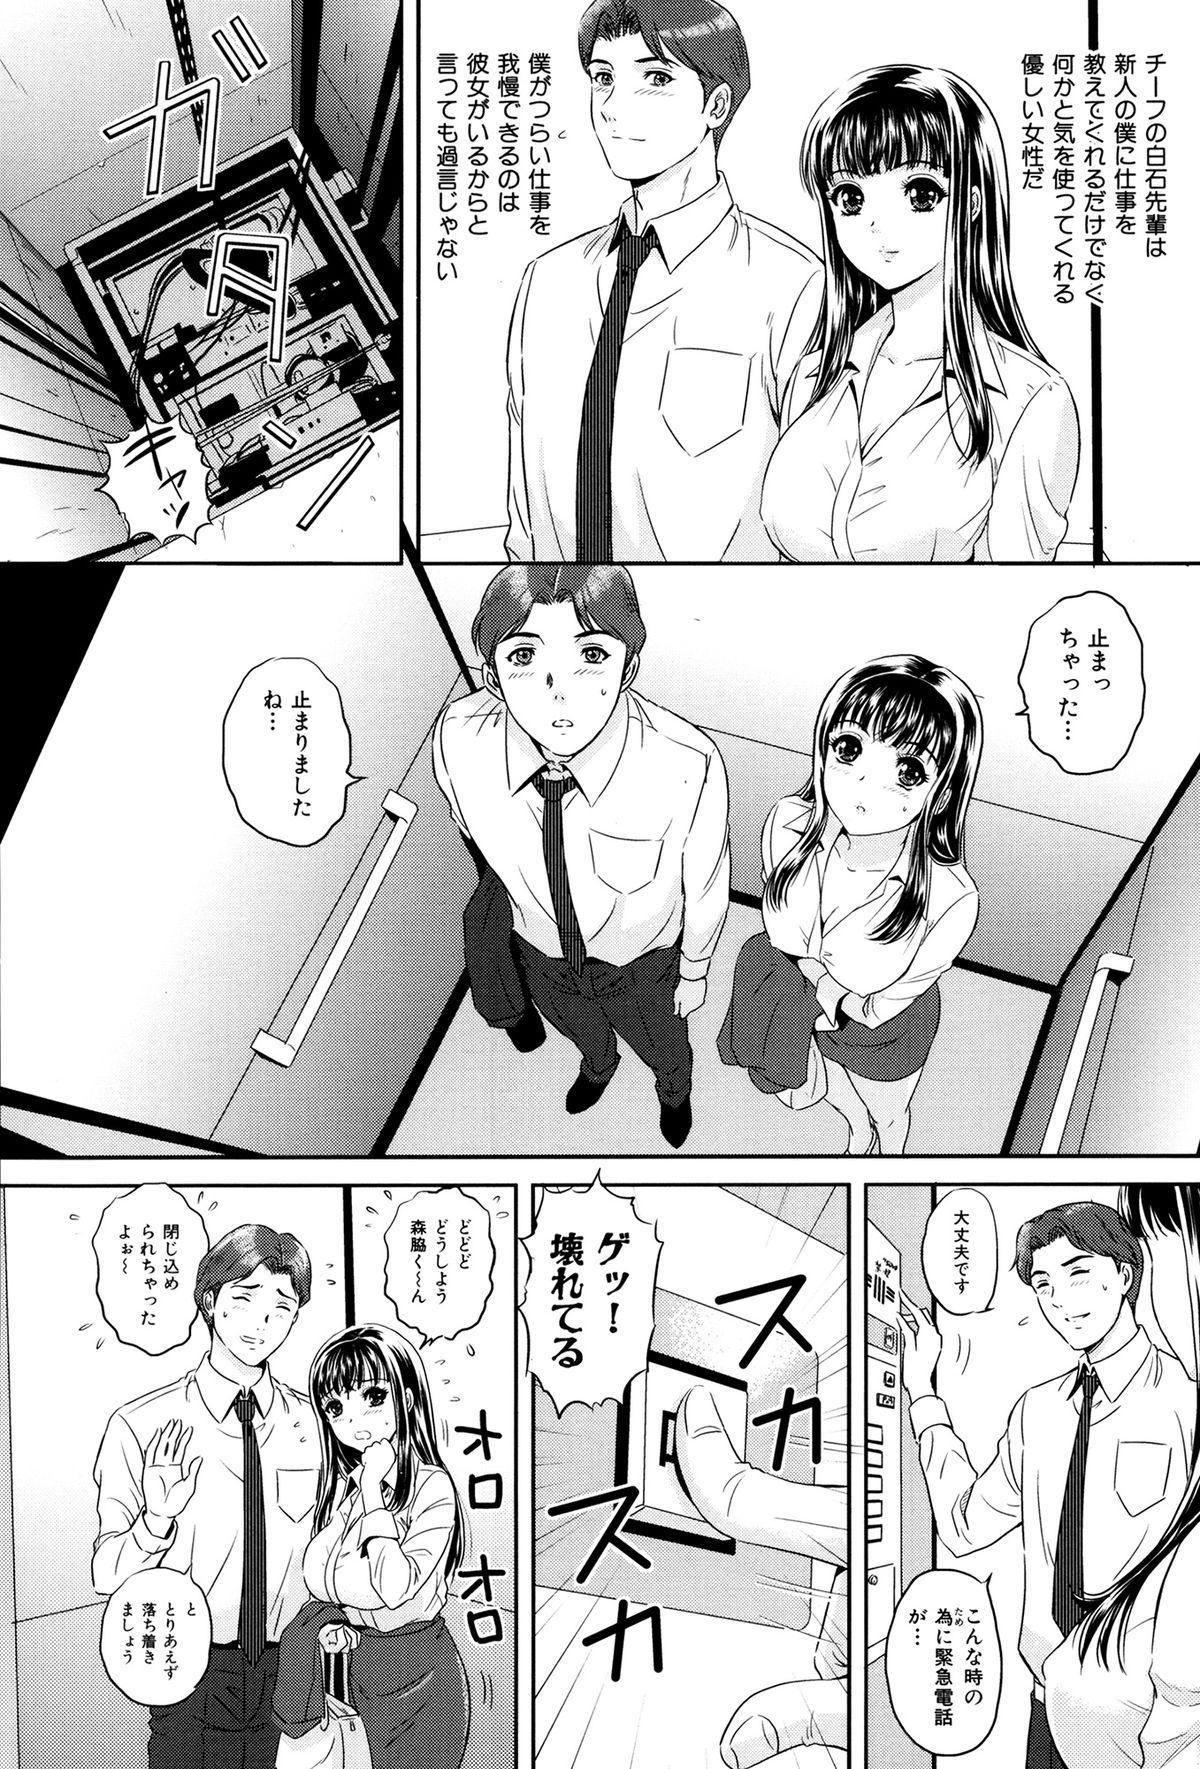 Ijimete Hoshiino 182